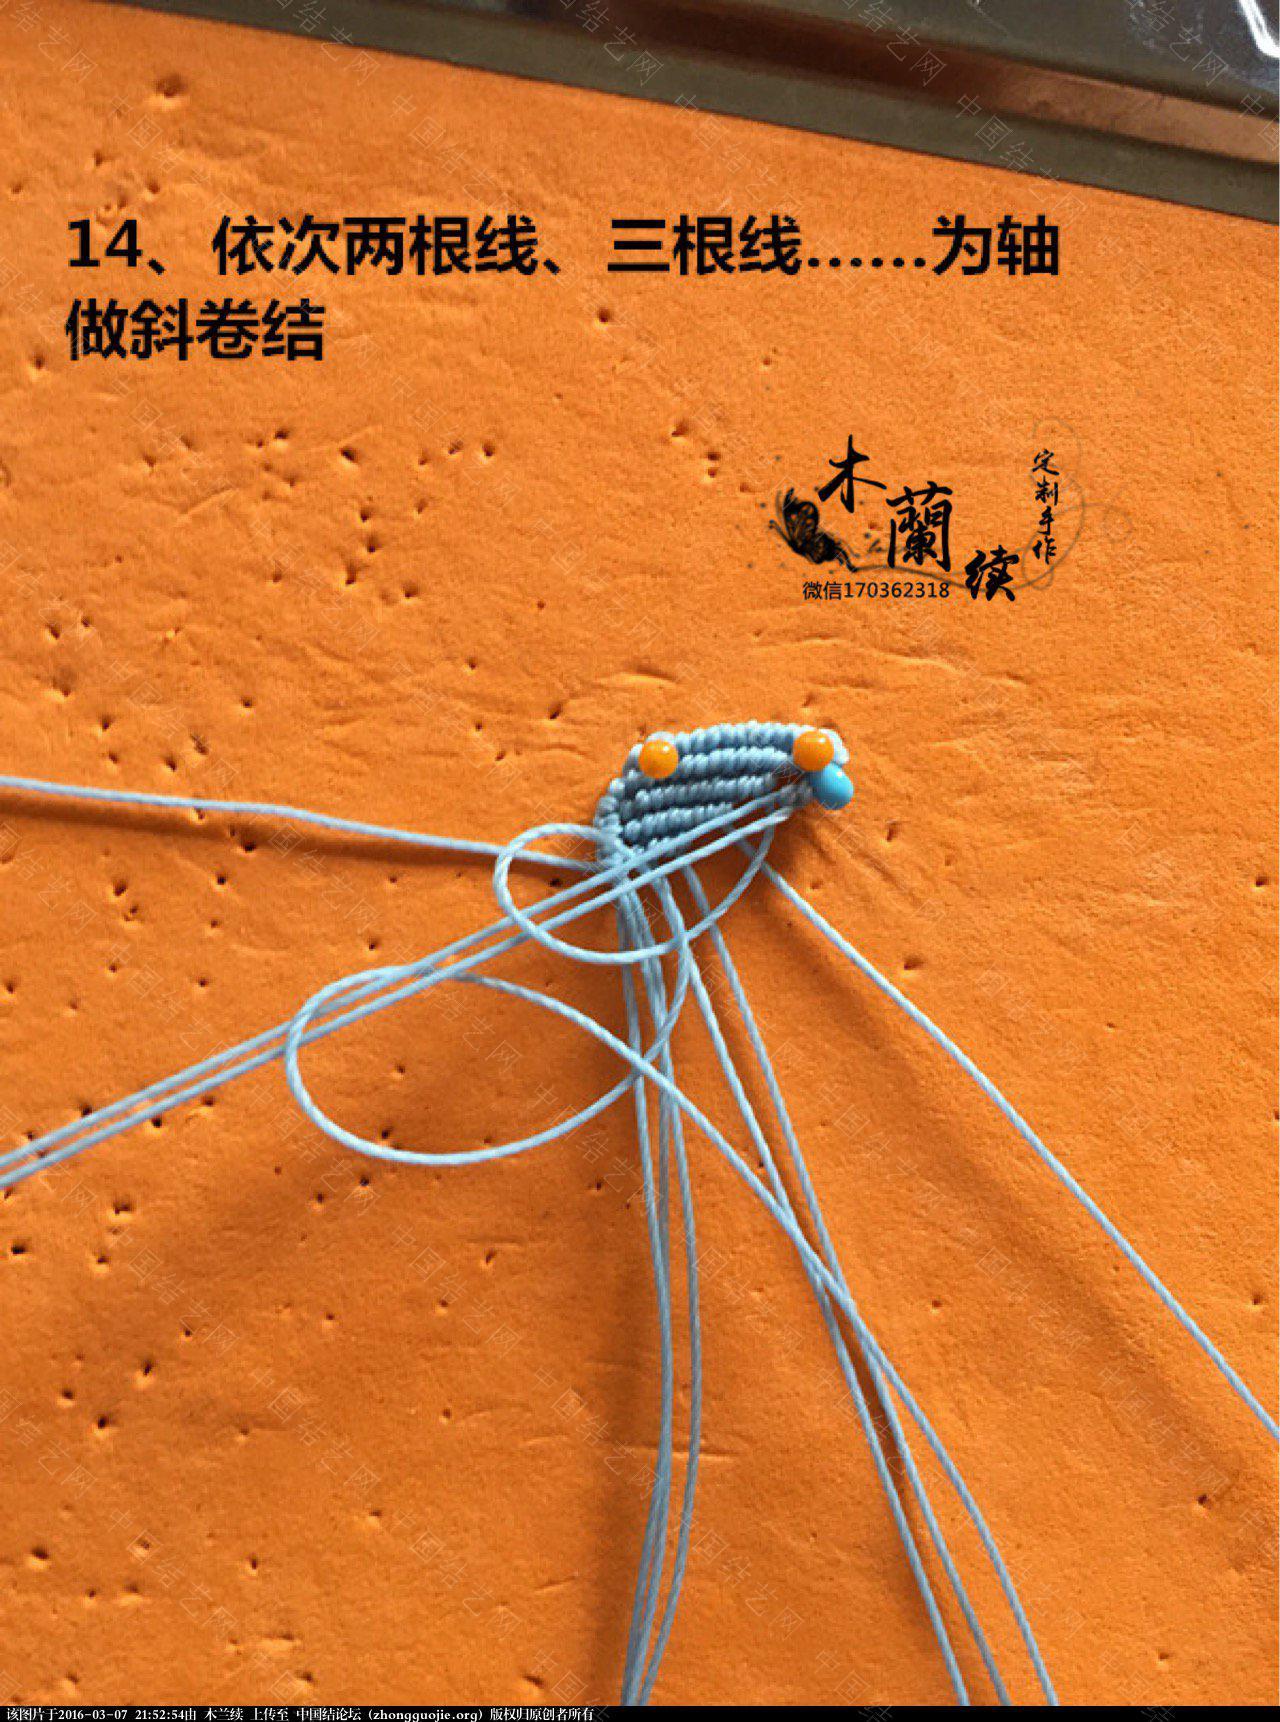 中国结论坛 【木兰续】萌萌的海星挂件! 木兰 图文教程区 214844vp7cxa8jom76tfjl